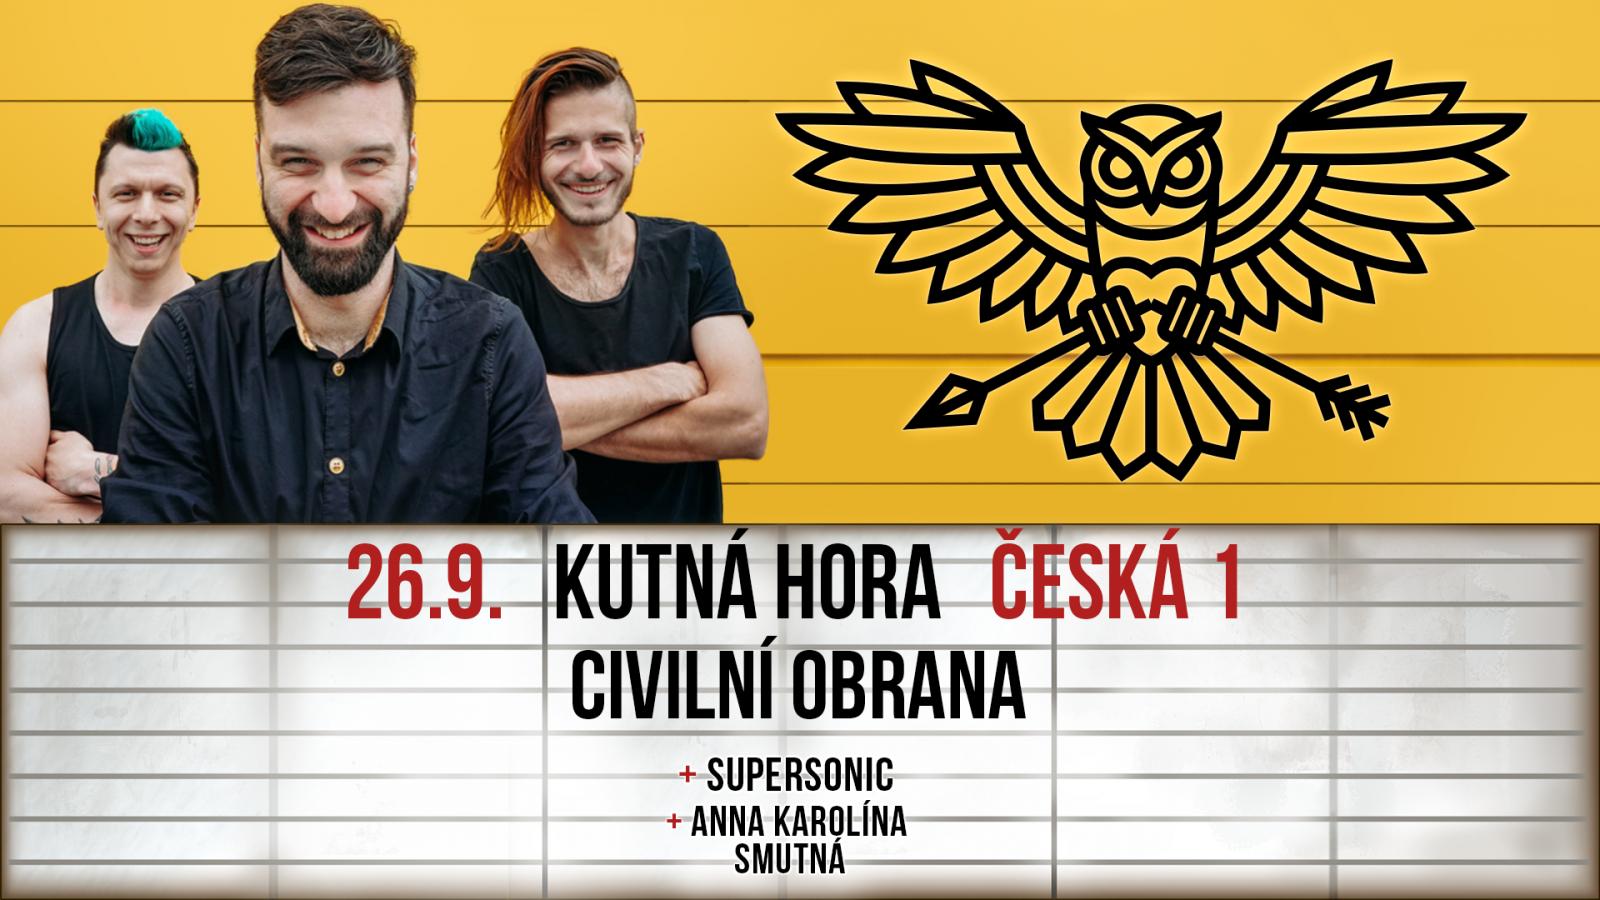 Civilní Obrana - Kutná Hora (Česká1)